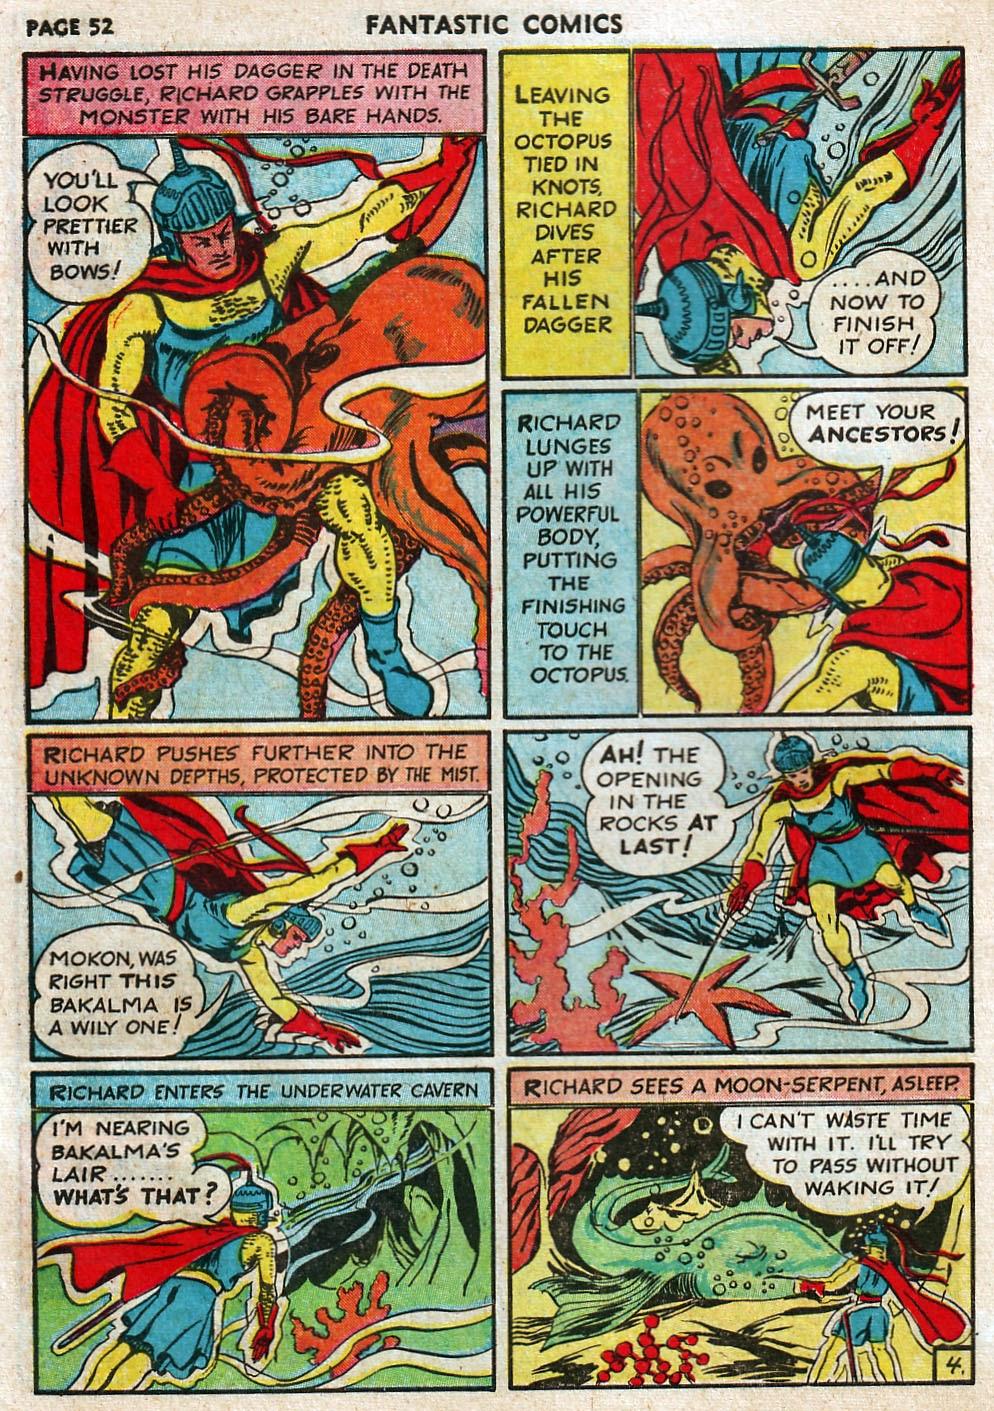 Read online Fantastic Comics comic -  Issue #17 - 53